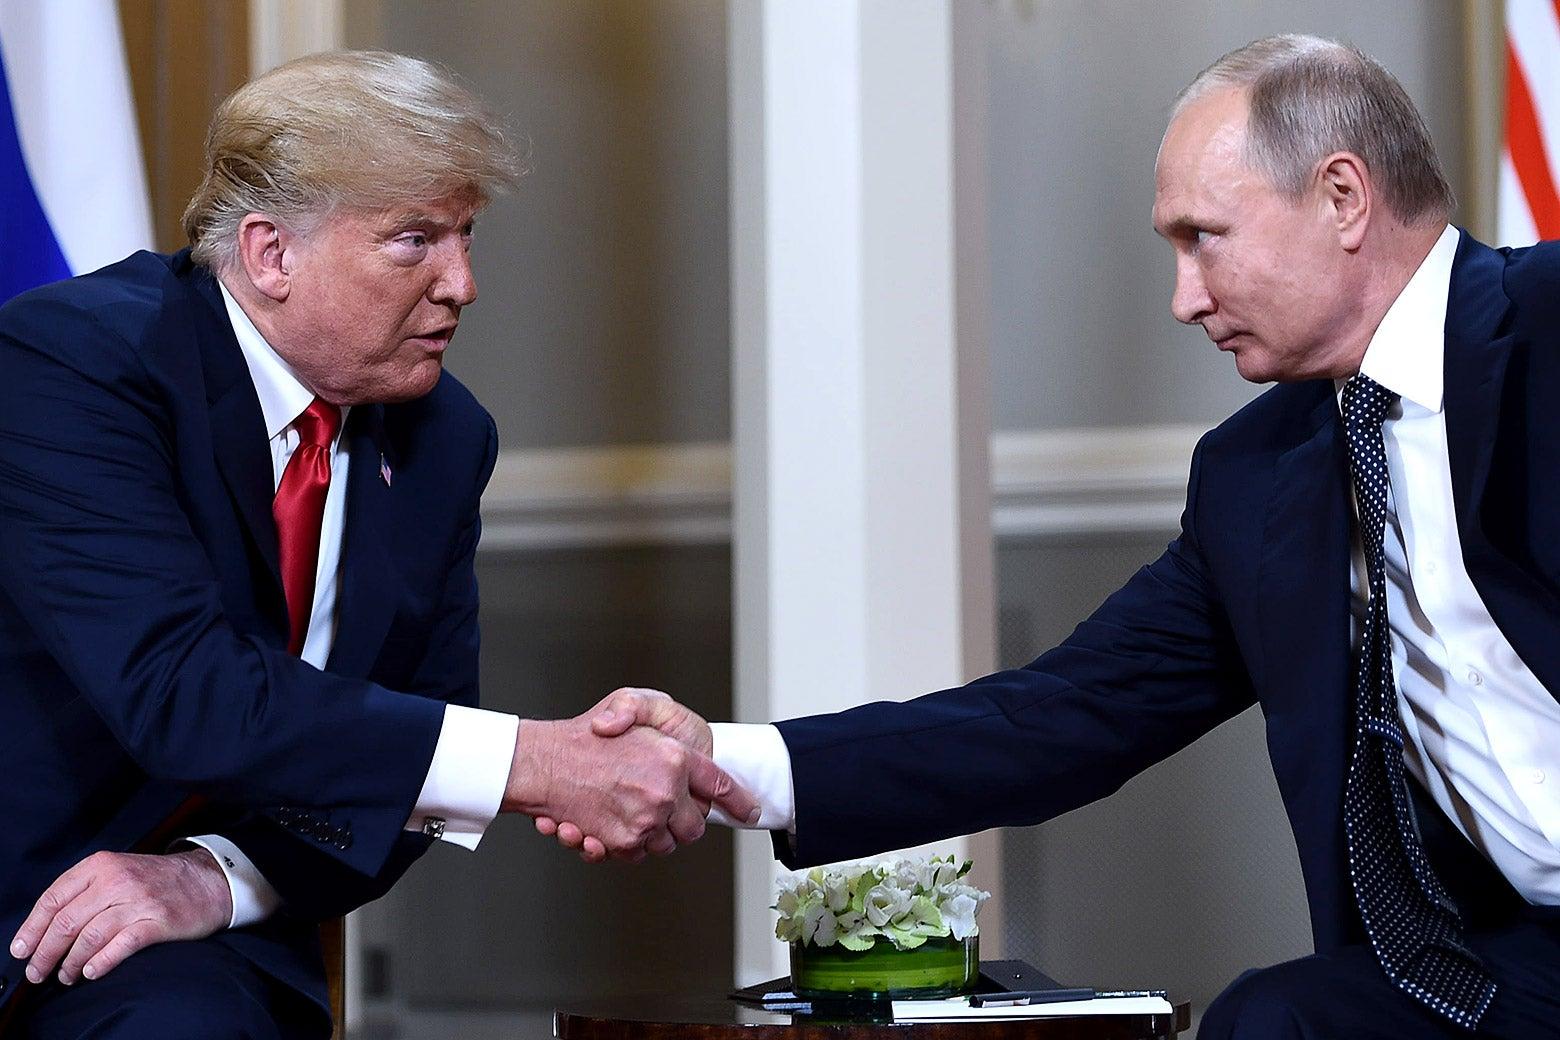 Donald Trump and Vladimir Putin, seated, shake hands.